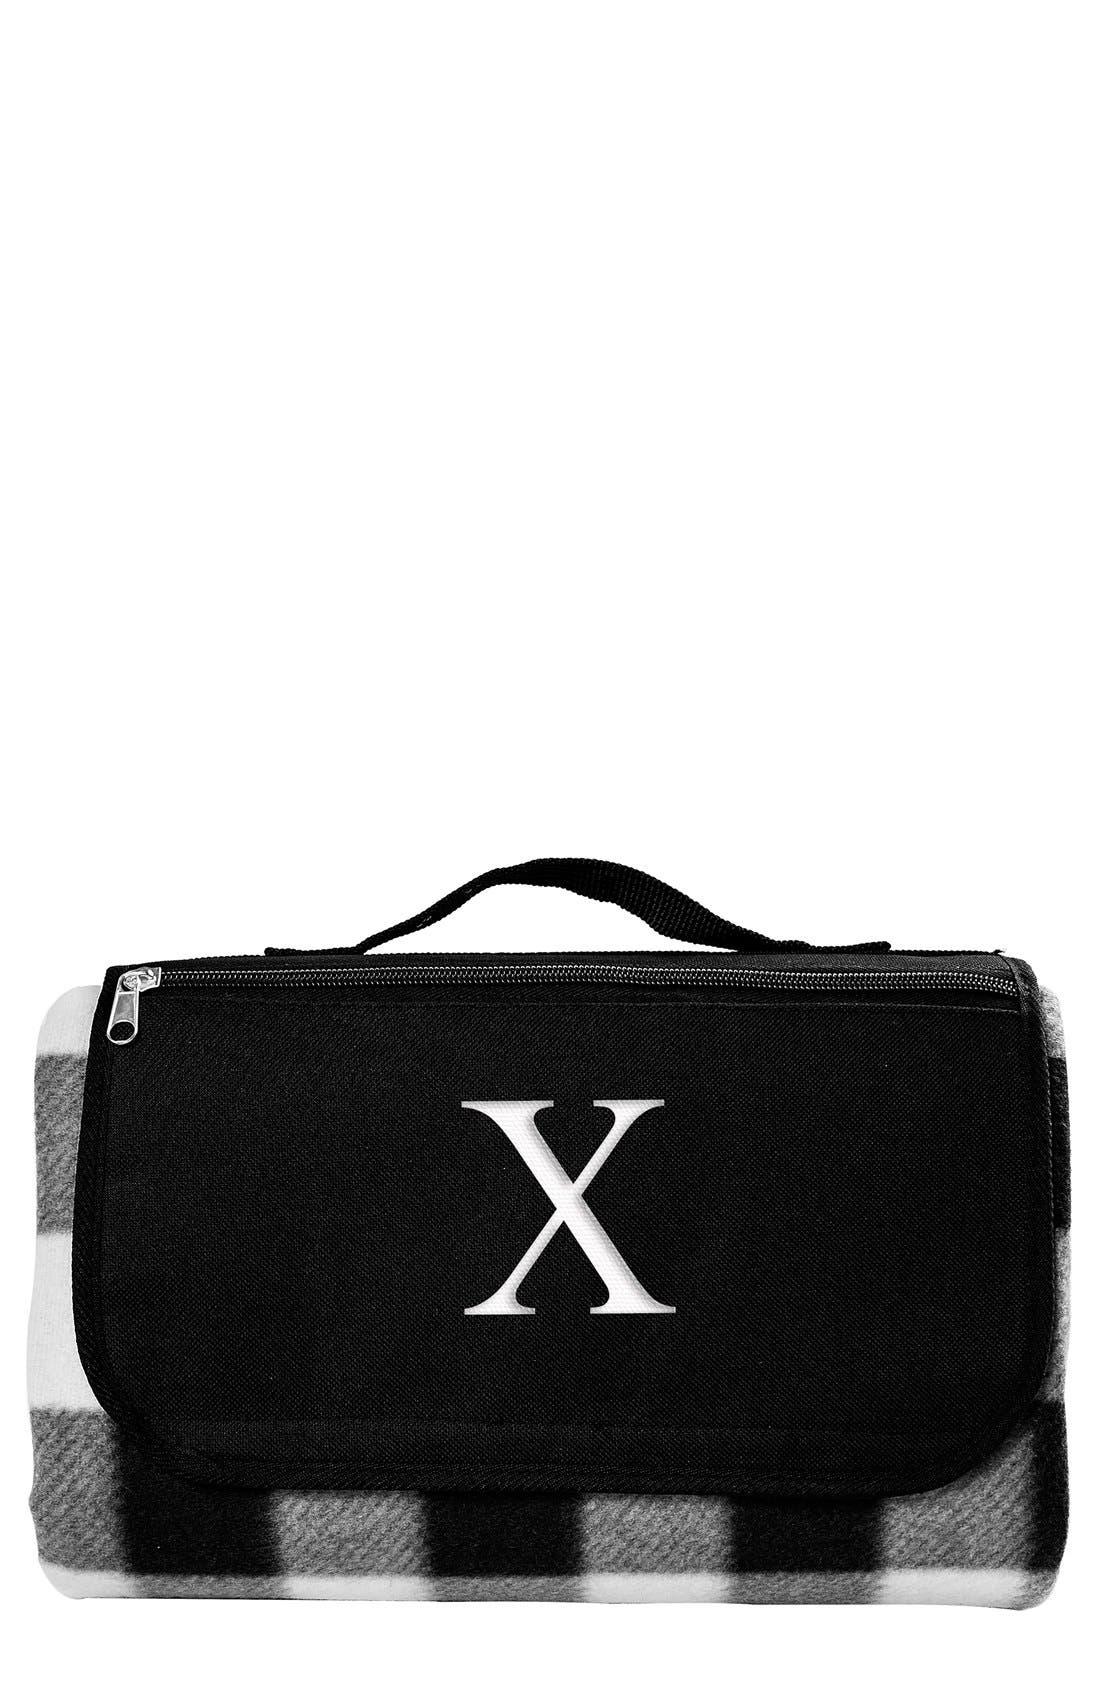 Monogram Plaid Fold-Up Picnic Blanket,                             Main thumbnail 1, color,                             Black/ White - X